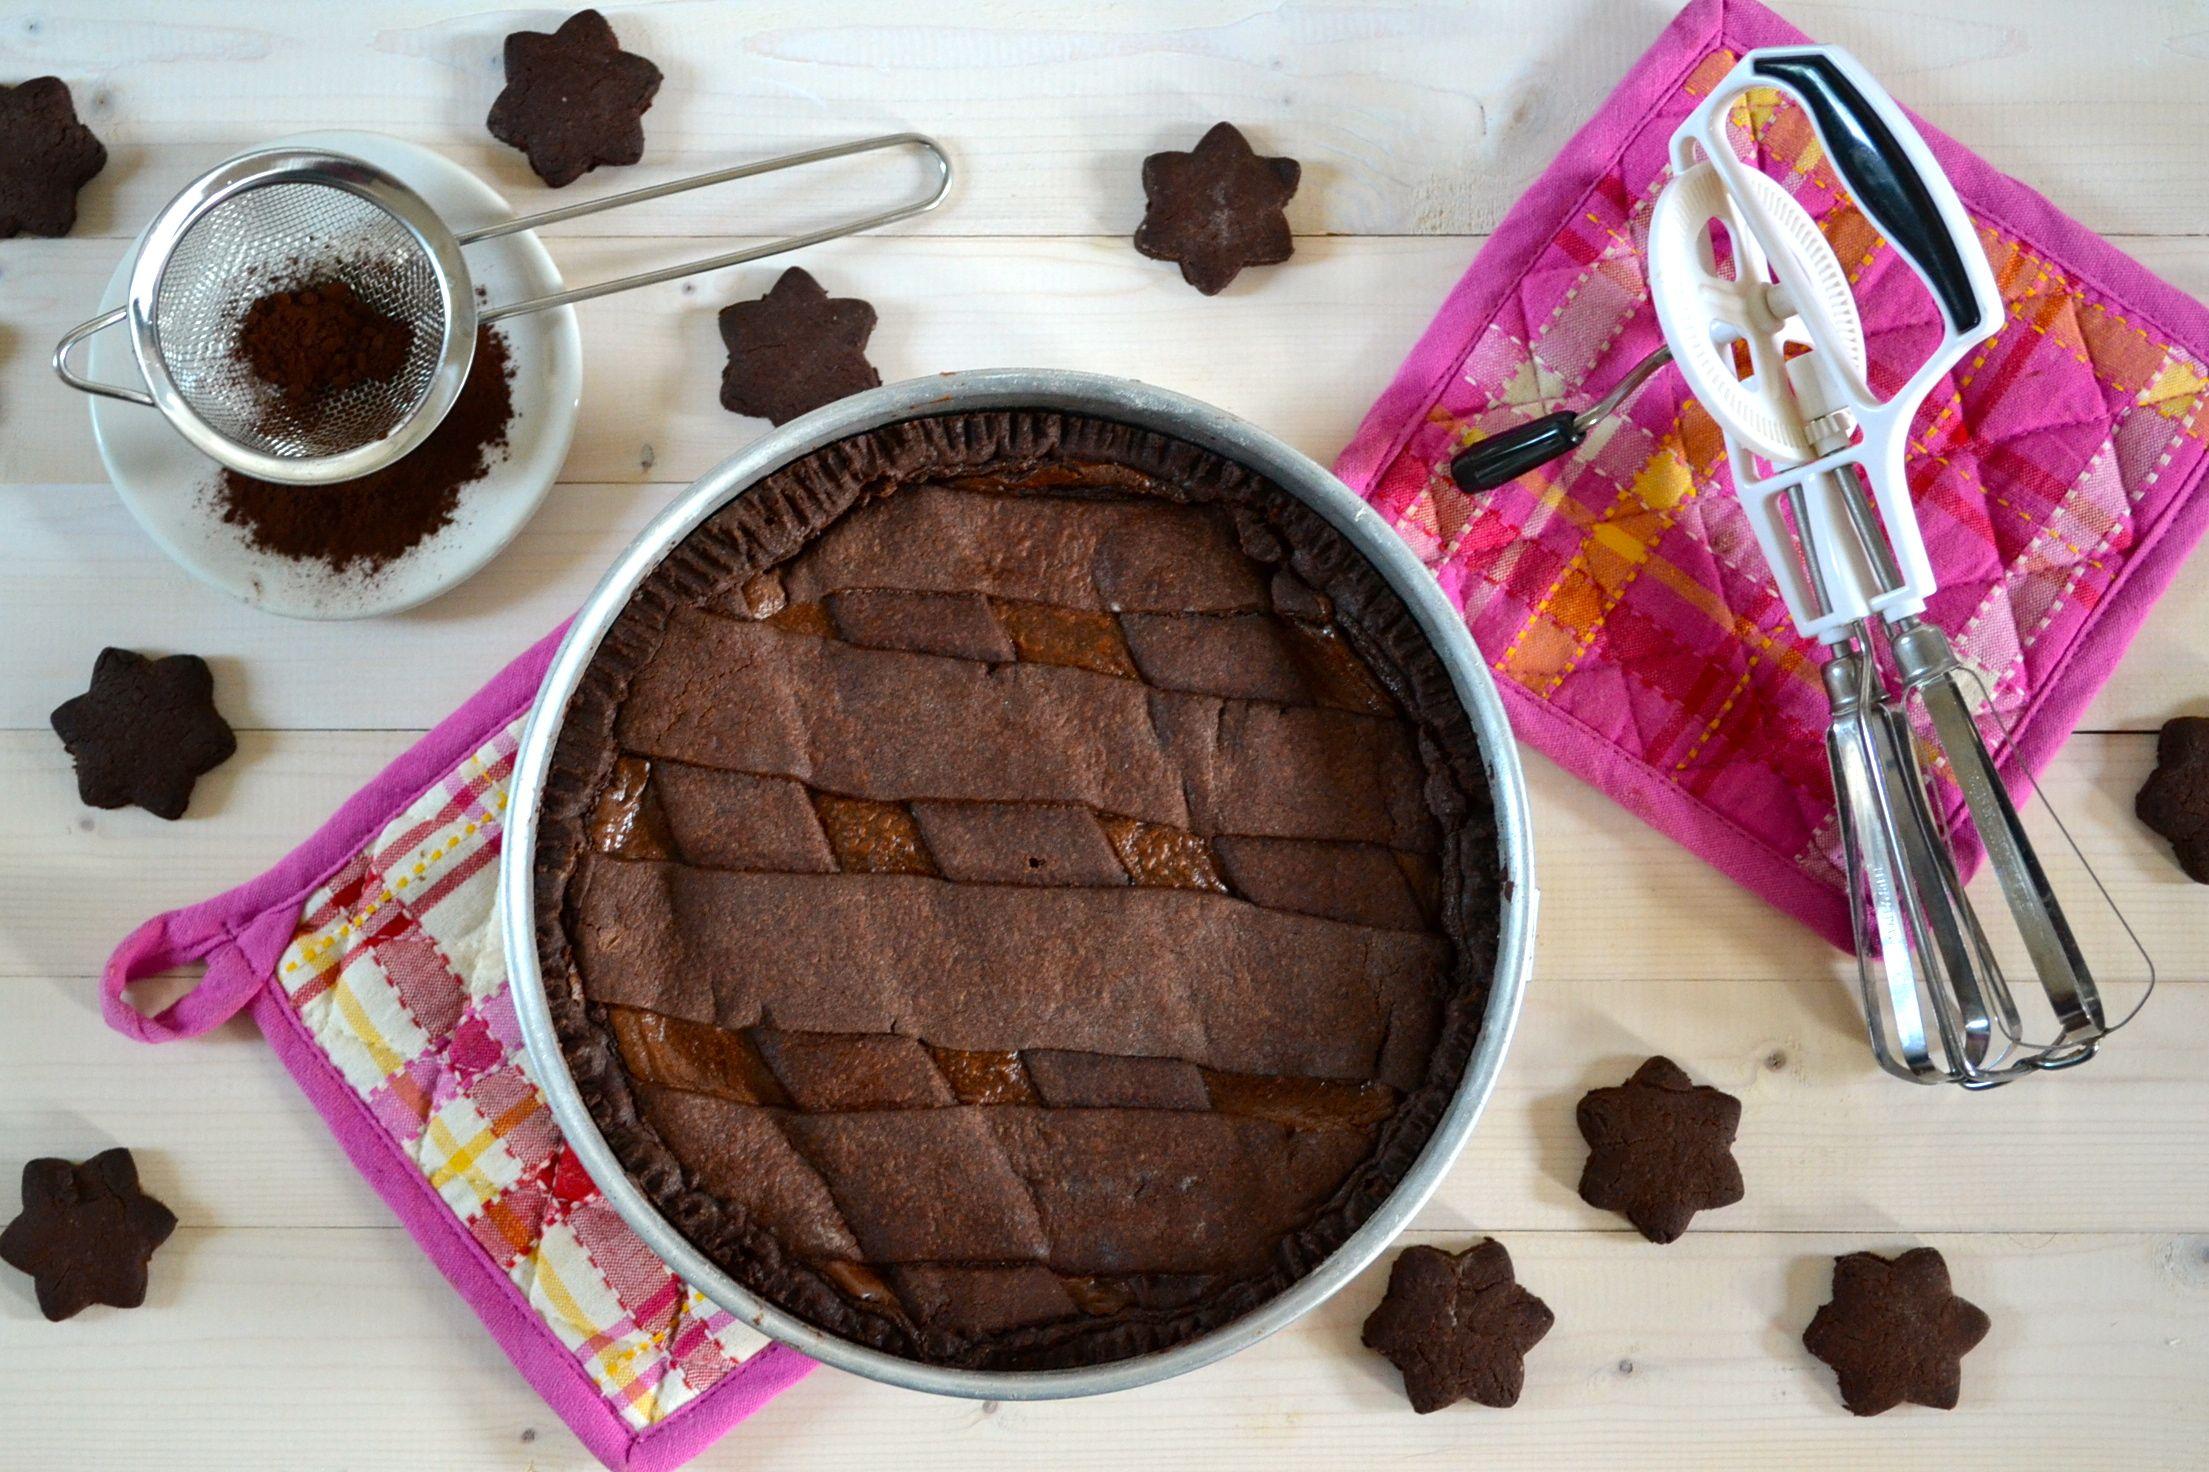 Torte Da Credenza Alice : Crostata al cioccolato di ernst knam